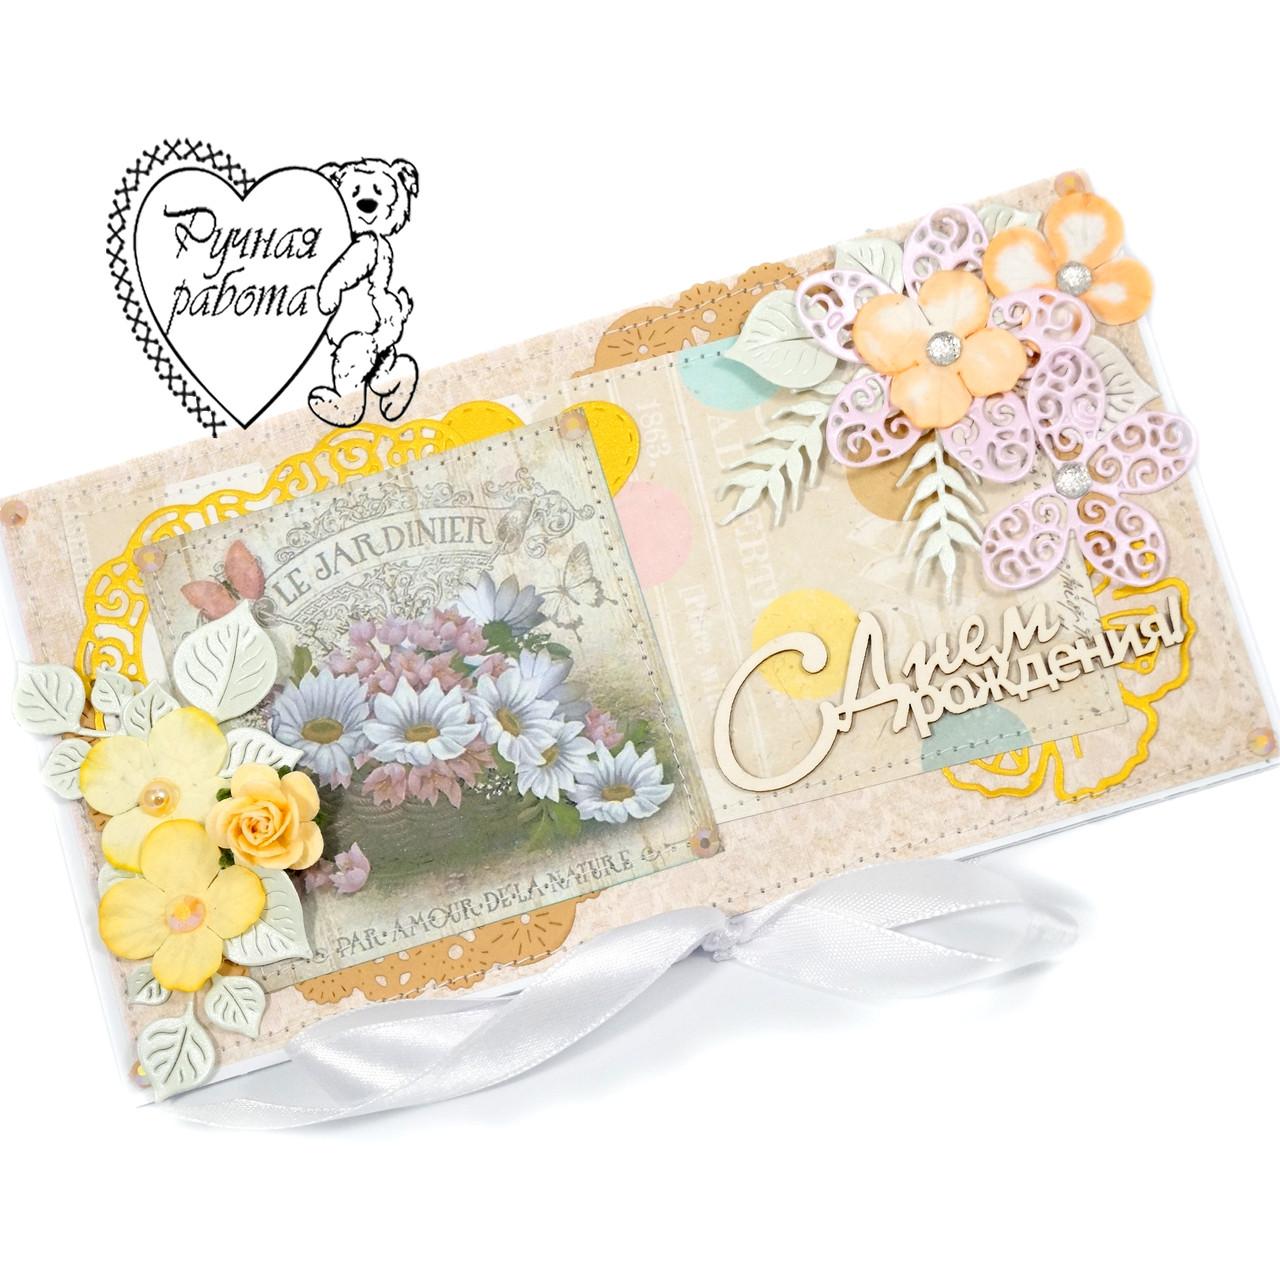 Подарочный сертификат 20 на 10 см, конверт, открытка С днем рождения, ручная работа, Под заказ